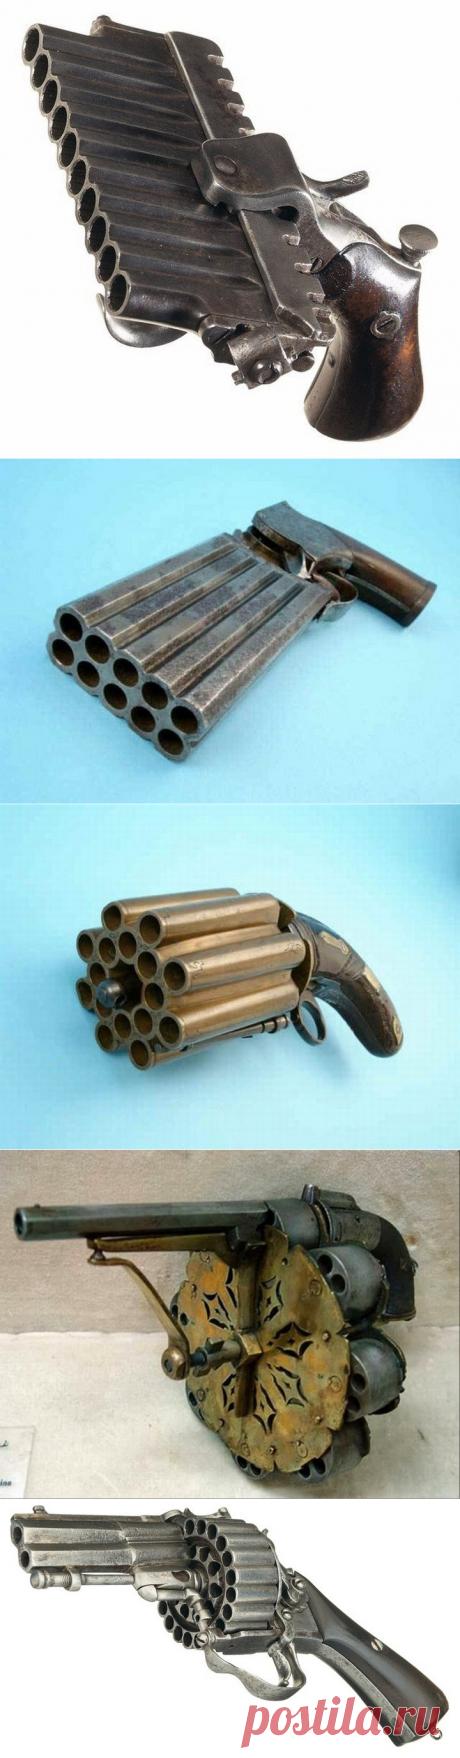 Крутые стволы для тех, кому всегда мало патронов